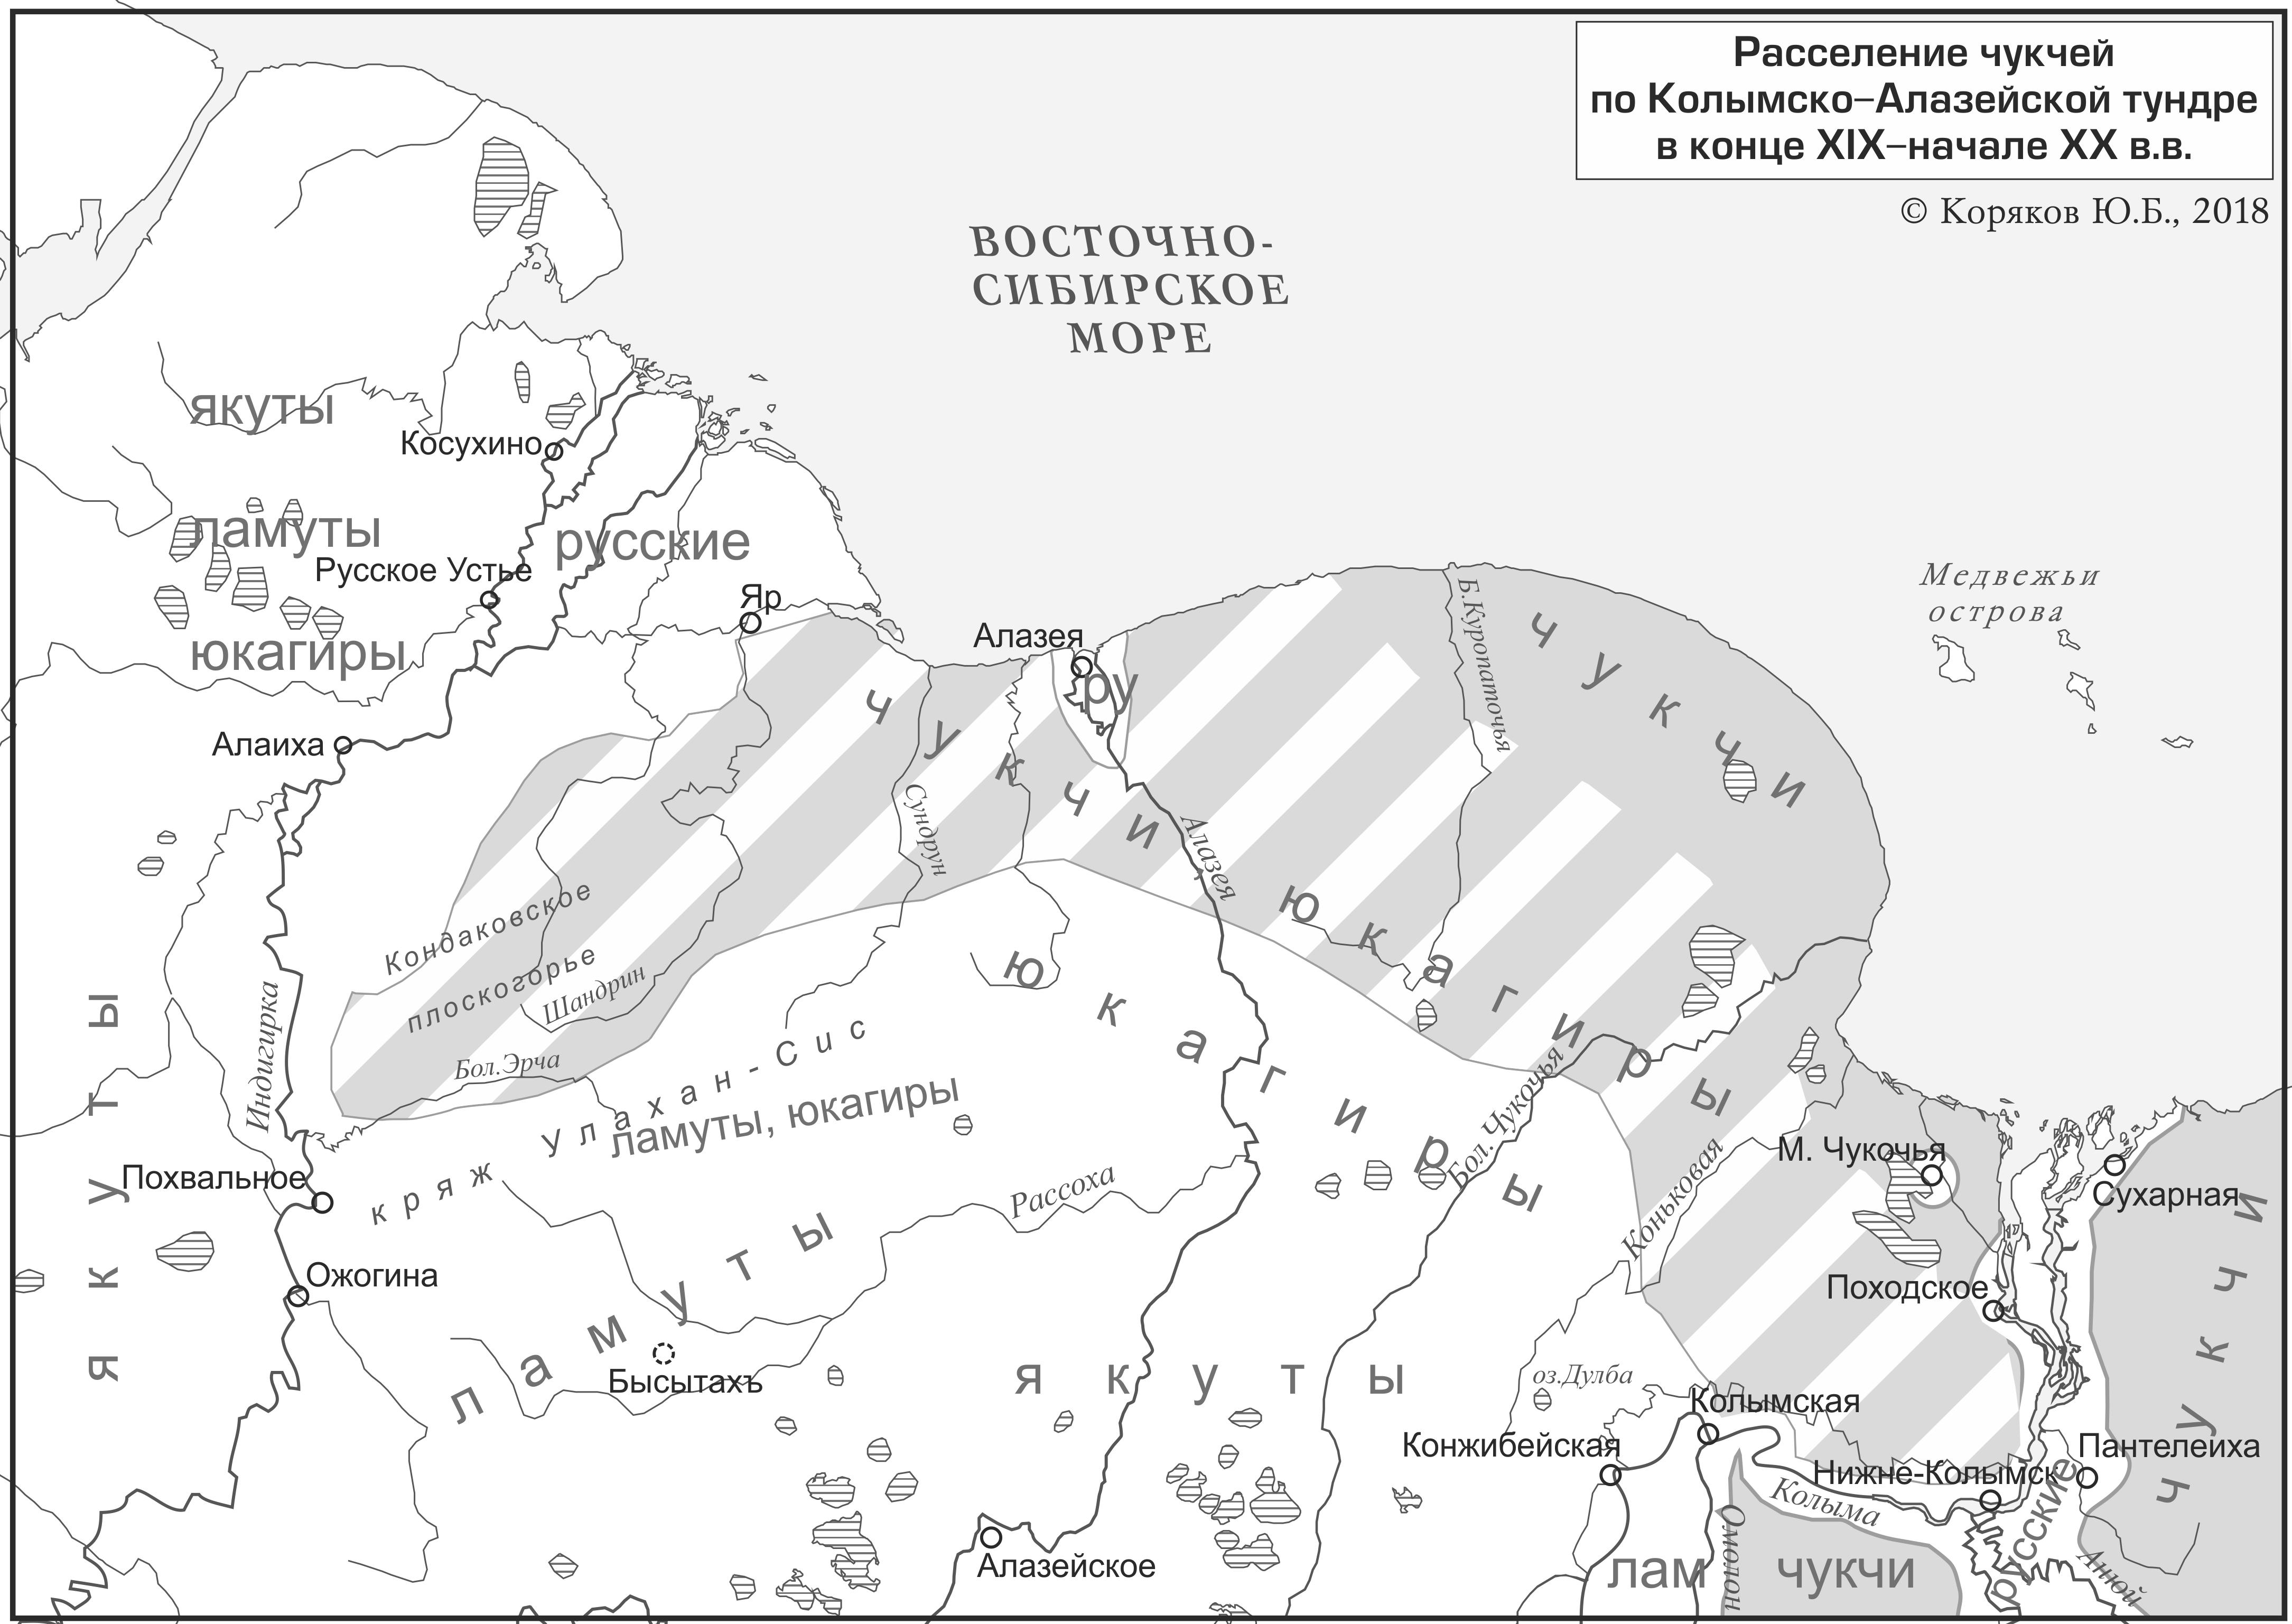 Языки Нижней Колымы (кон. XIX - нач. XX вв.); автор Ю.Б.Коряков